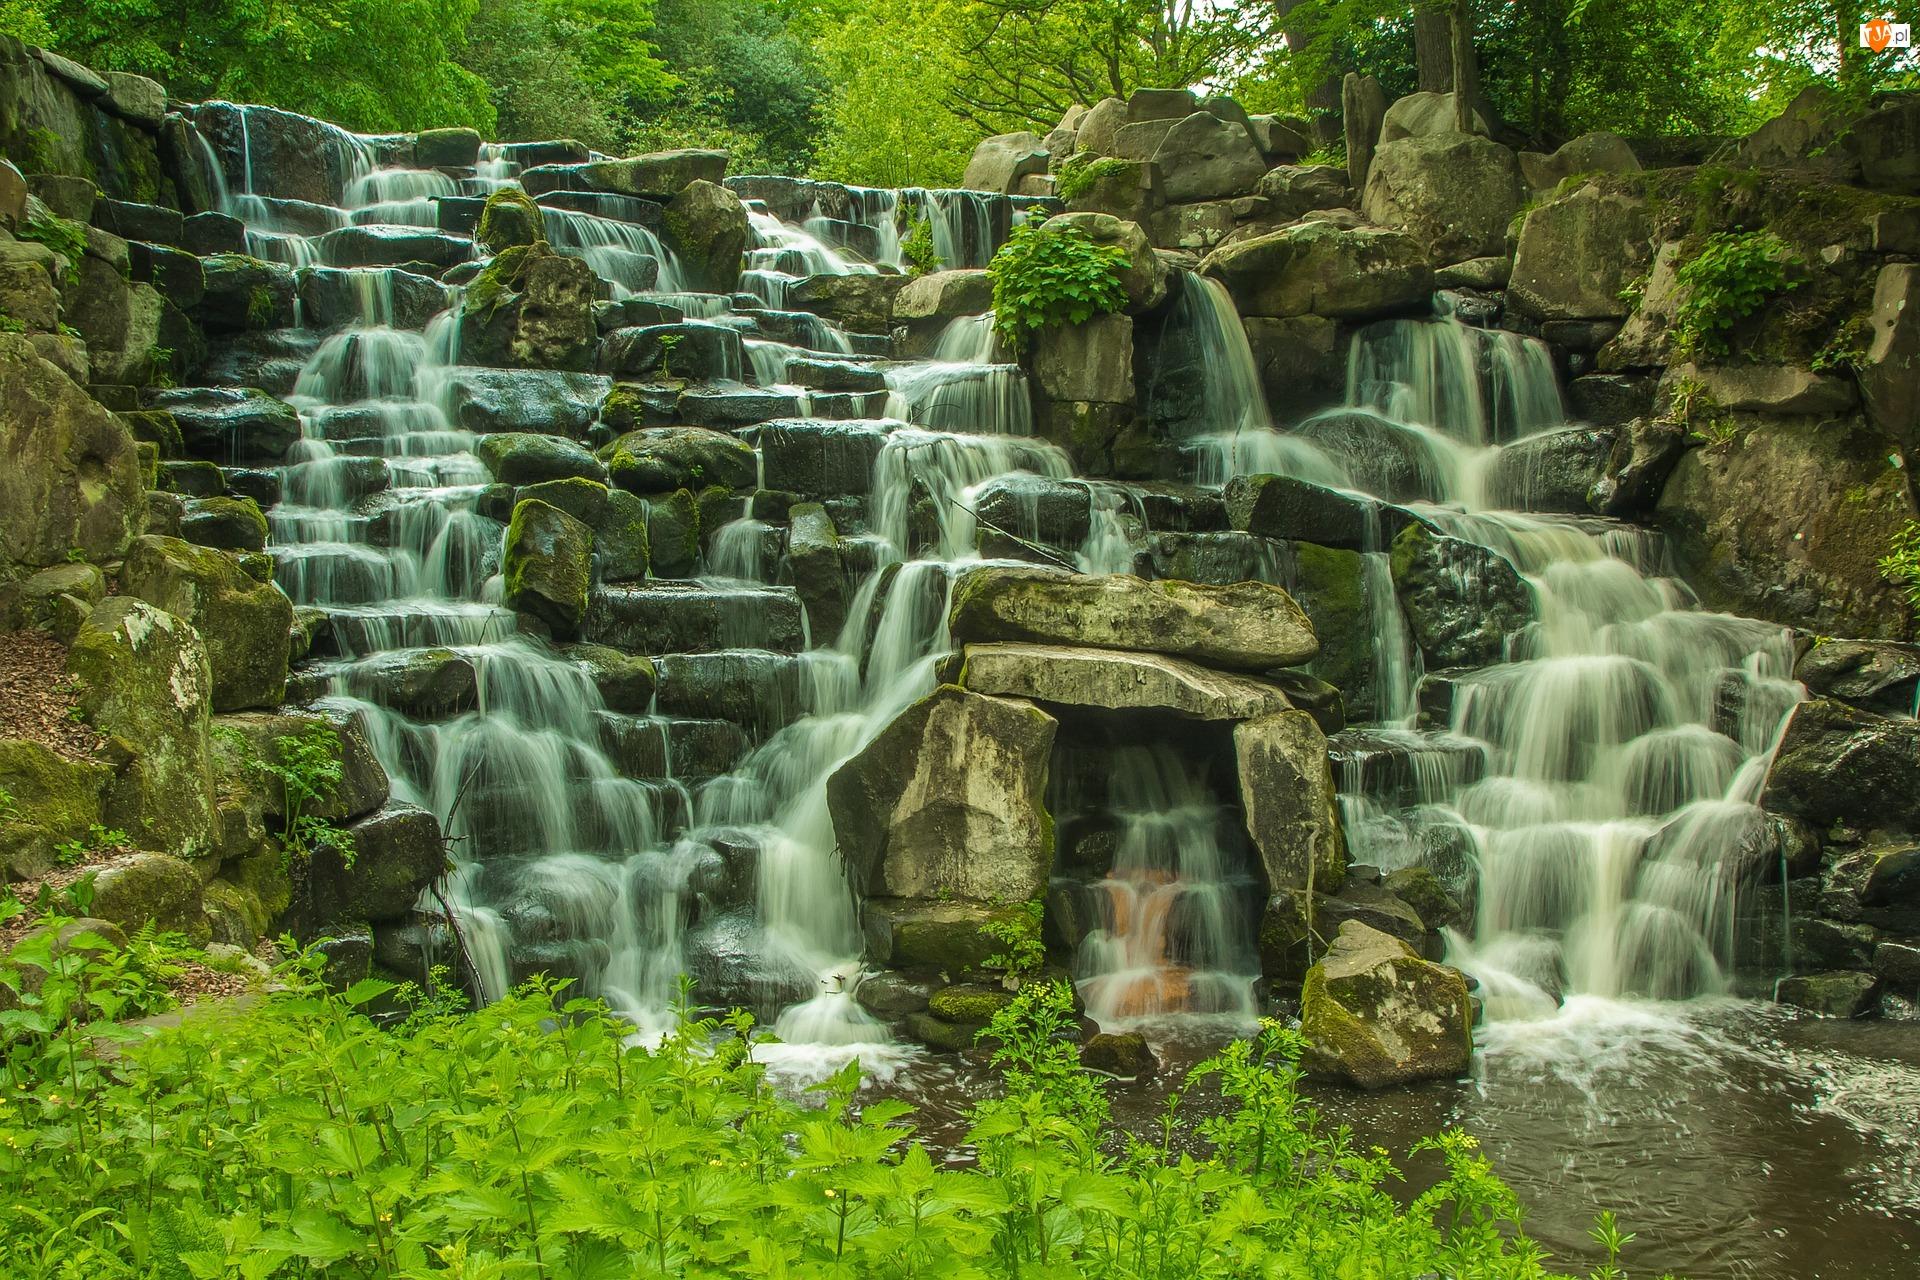 Roślinność, Windsor Great Park, Kamienie, Hrabstwo Surrey, Park Królewski, Anglia, Skały, Jezioro Virginia Water, Wodospad